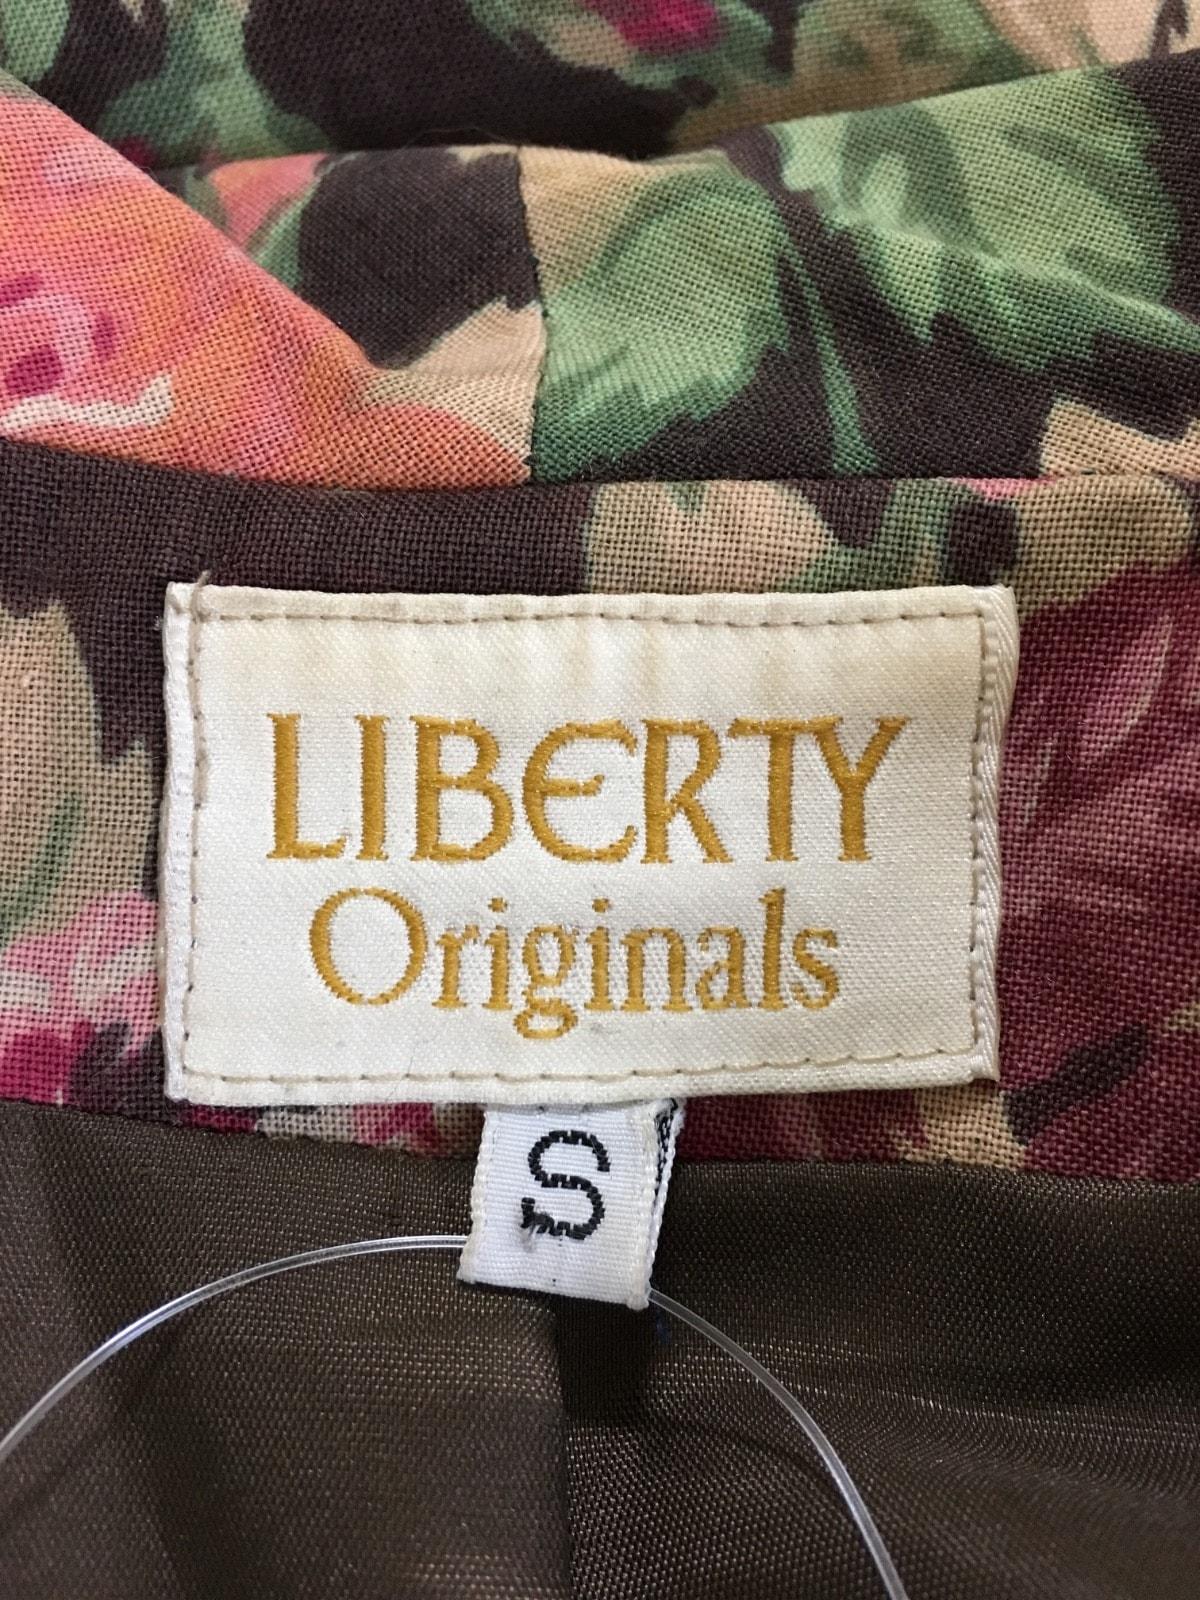 LIBERTY(リバティ)のコート